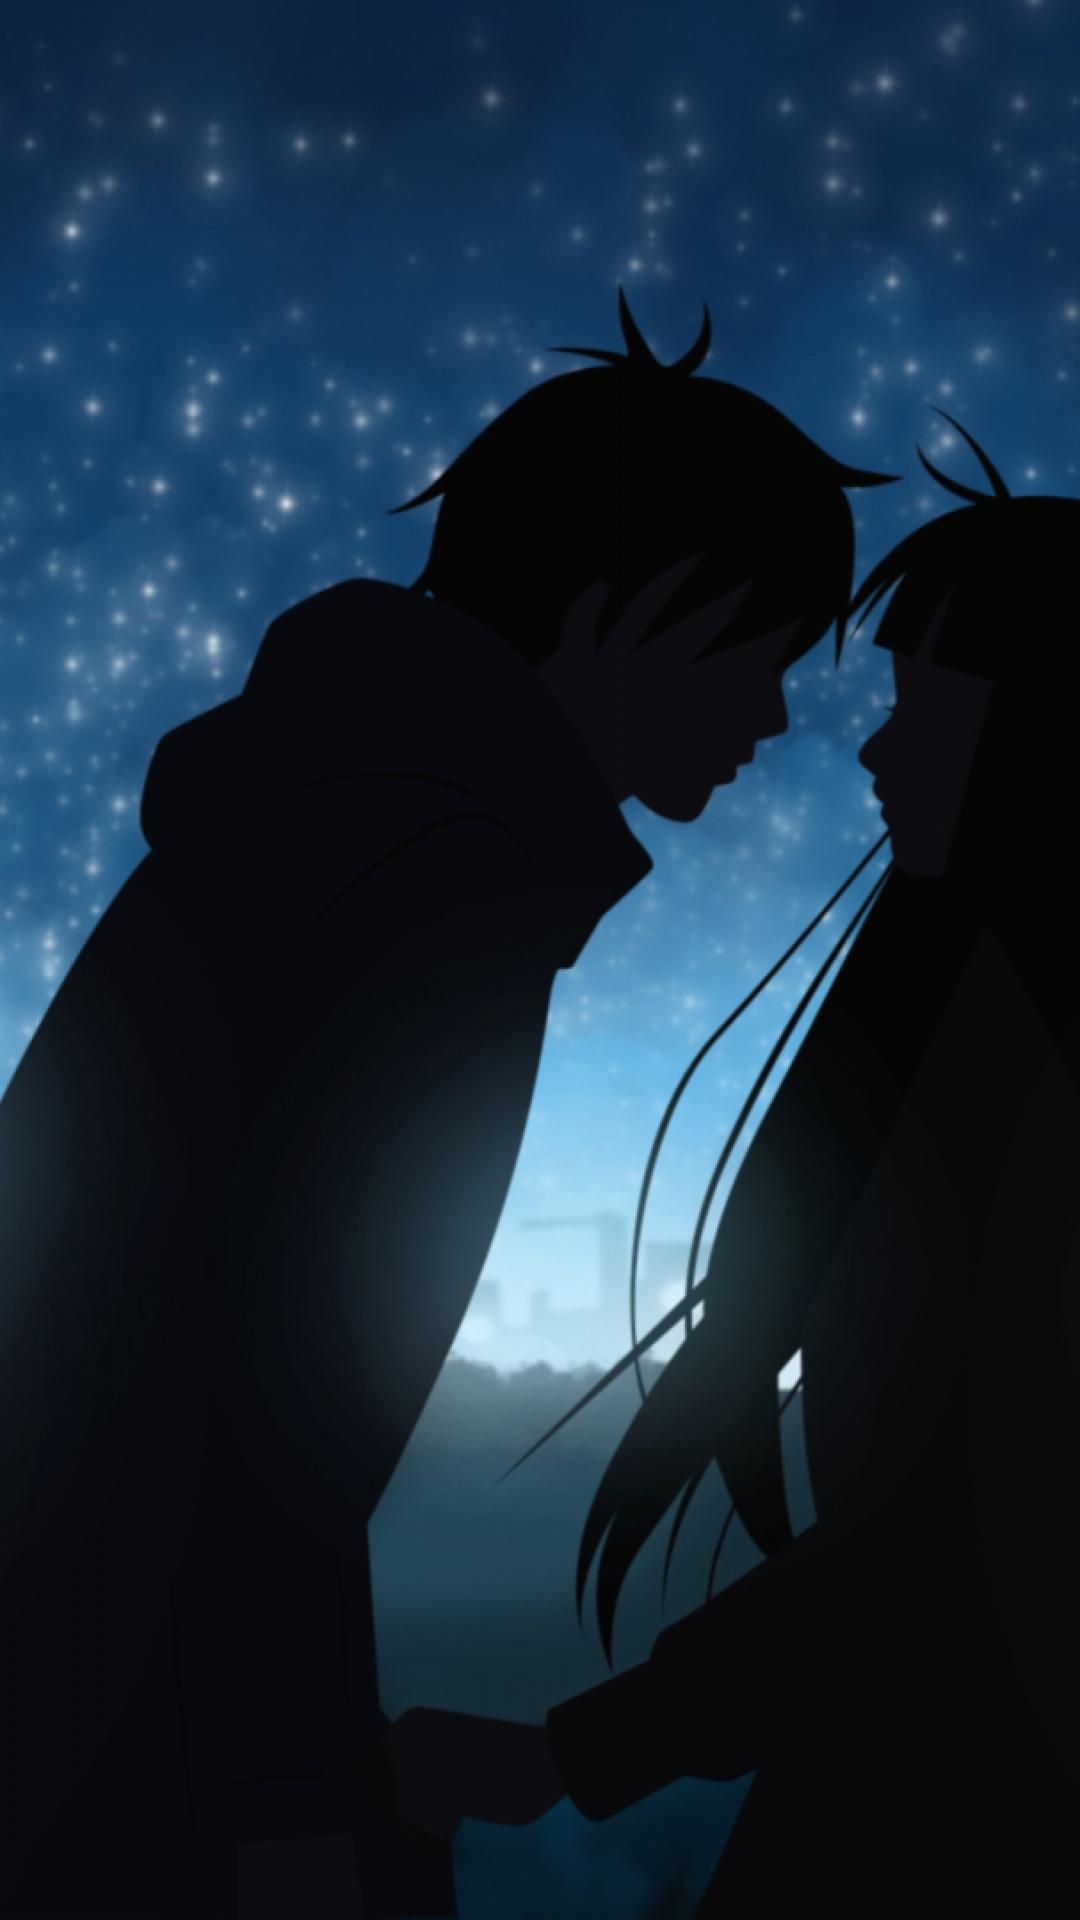 80 fondos de pantalla android ios gratis hd amor - Fondos de pantalla hd para android anime ...